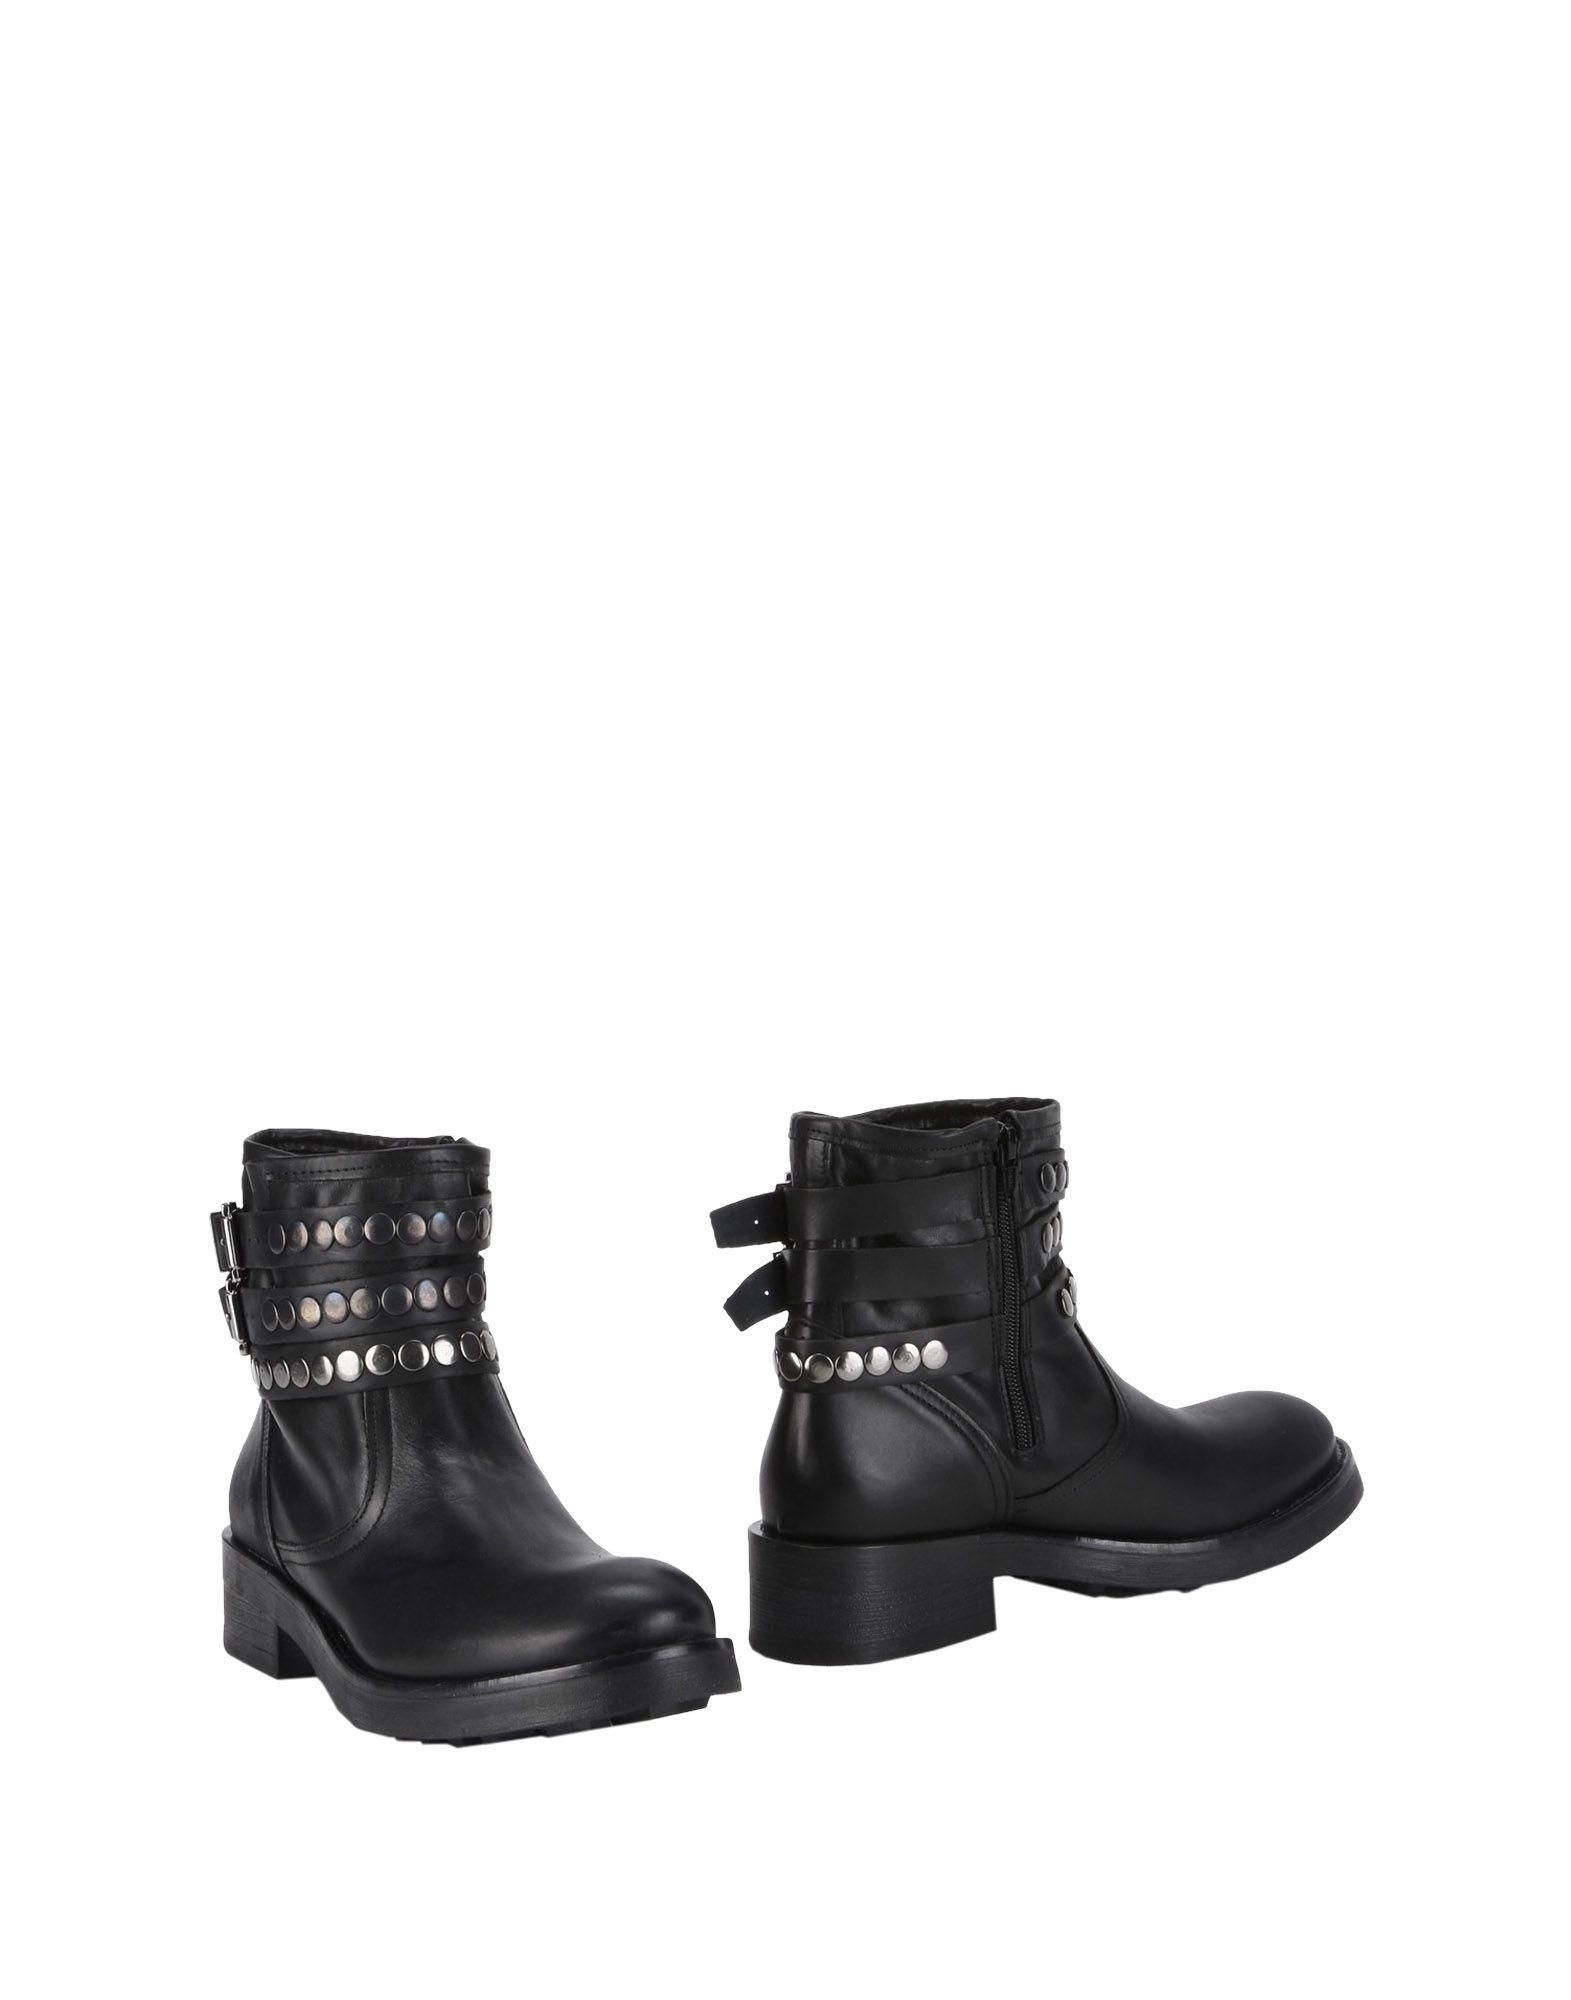 George J. Love Stiefelette Damen  11403738JQ Gute Qualität beliebte Schuhe